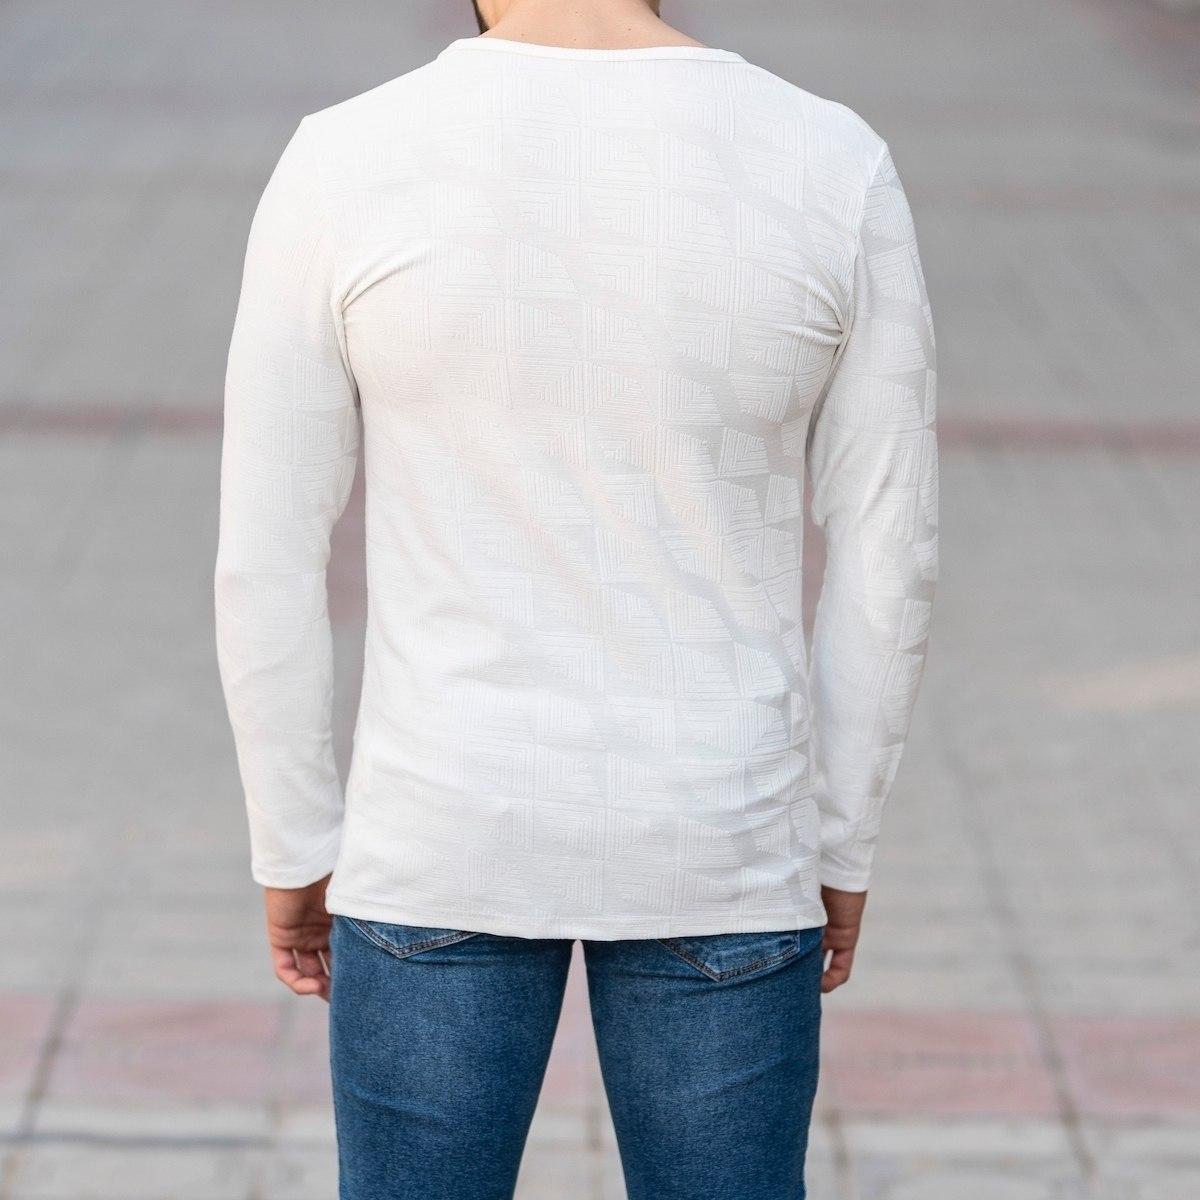 Geometric Detailed Sweatshirt In White Mv Premium Brand - 4